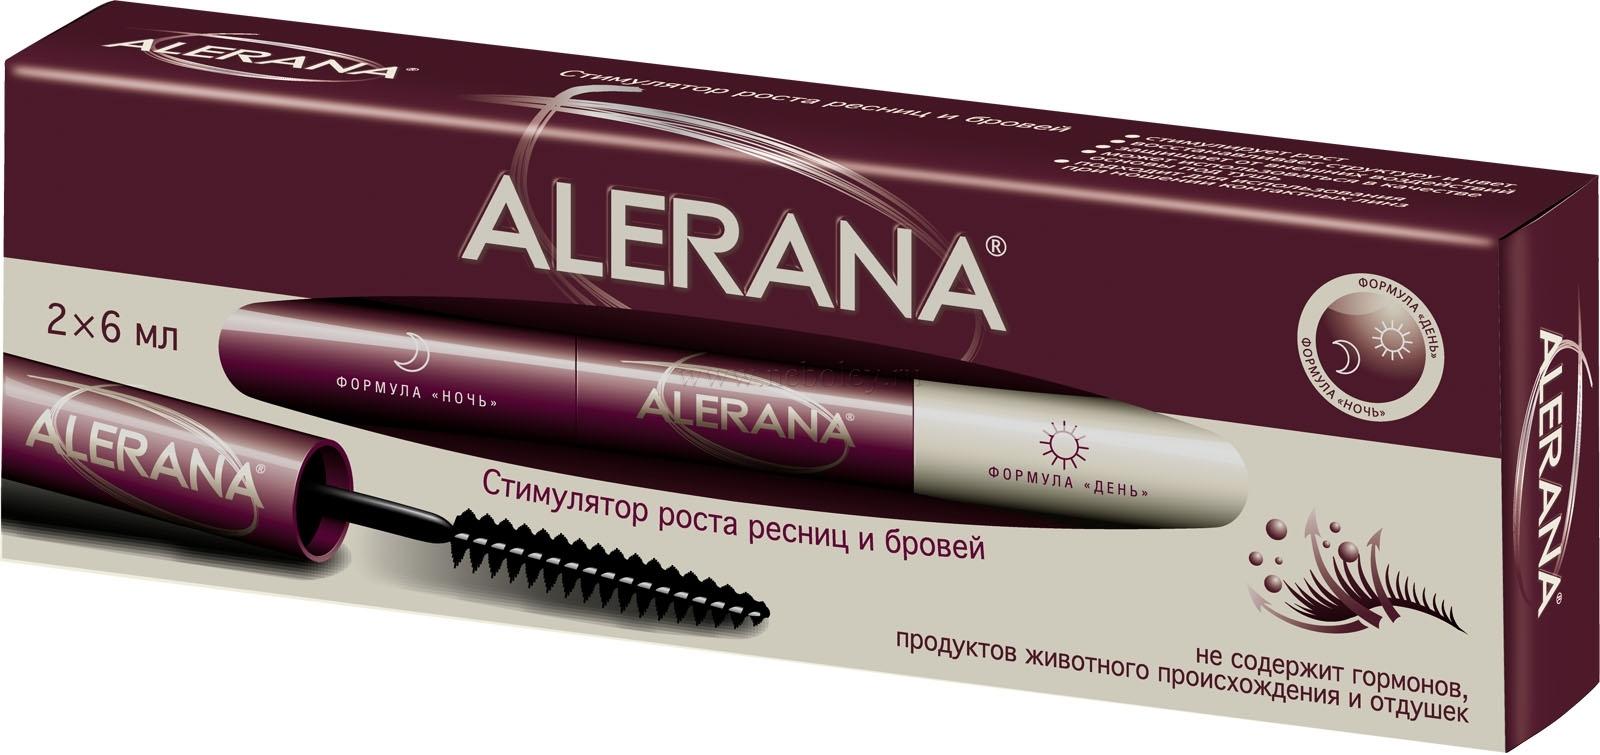 Сыворотка alerana: правила применения для роста ресниц и бровей